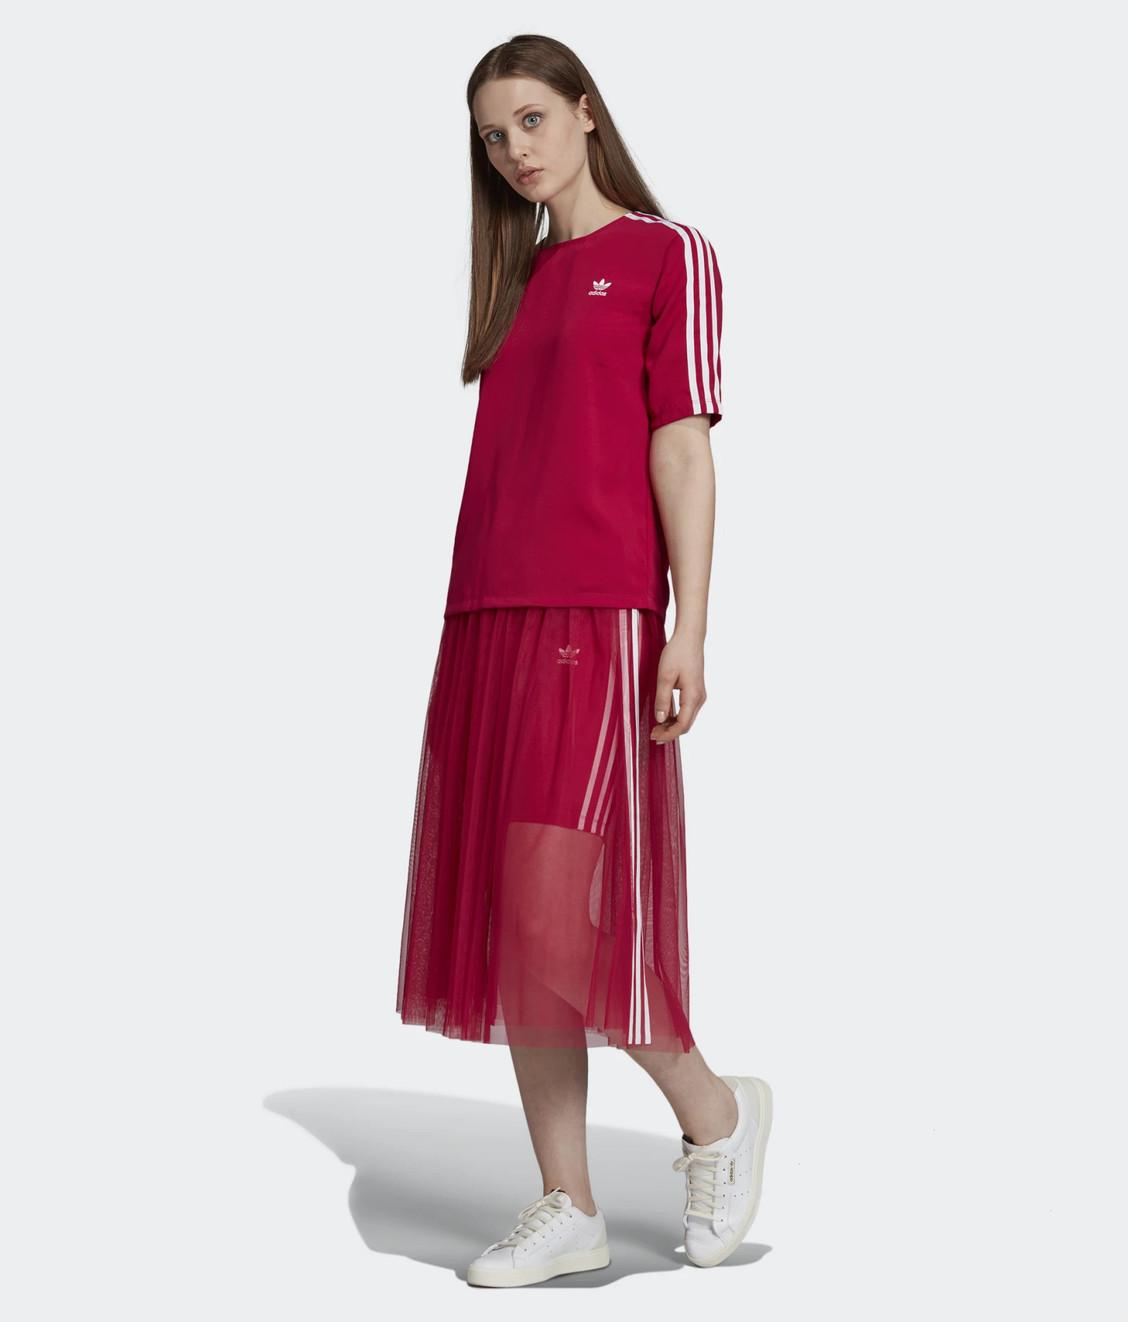 Adidas Adidas Crepe 3 Stripes Tee Pink